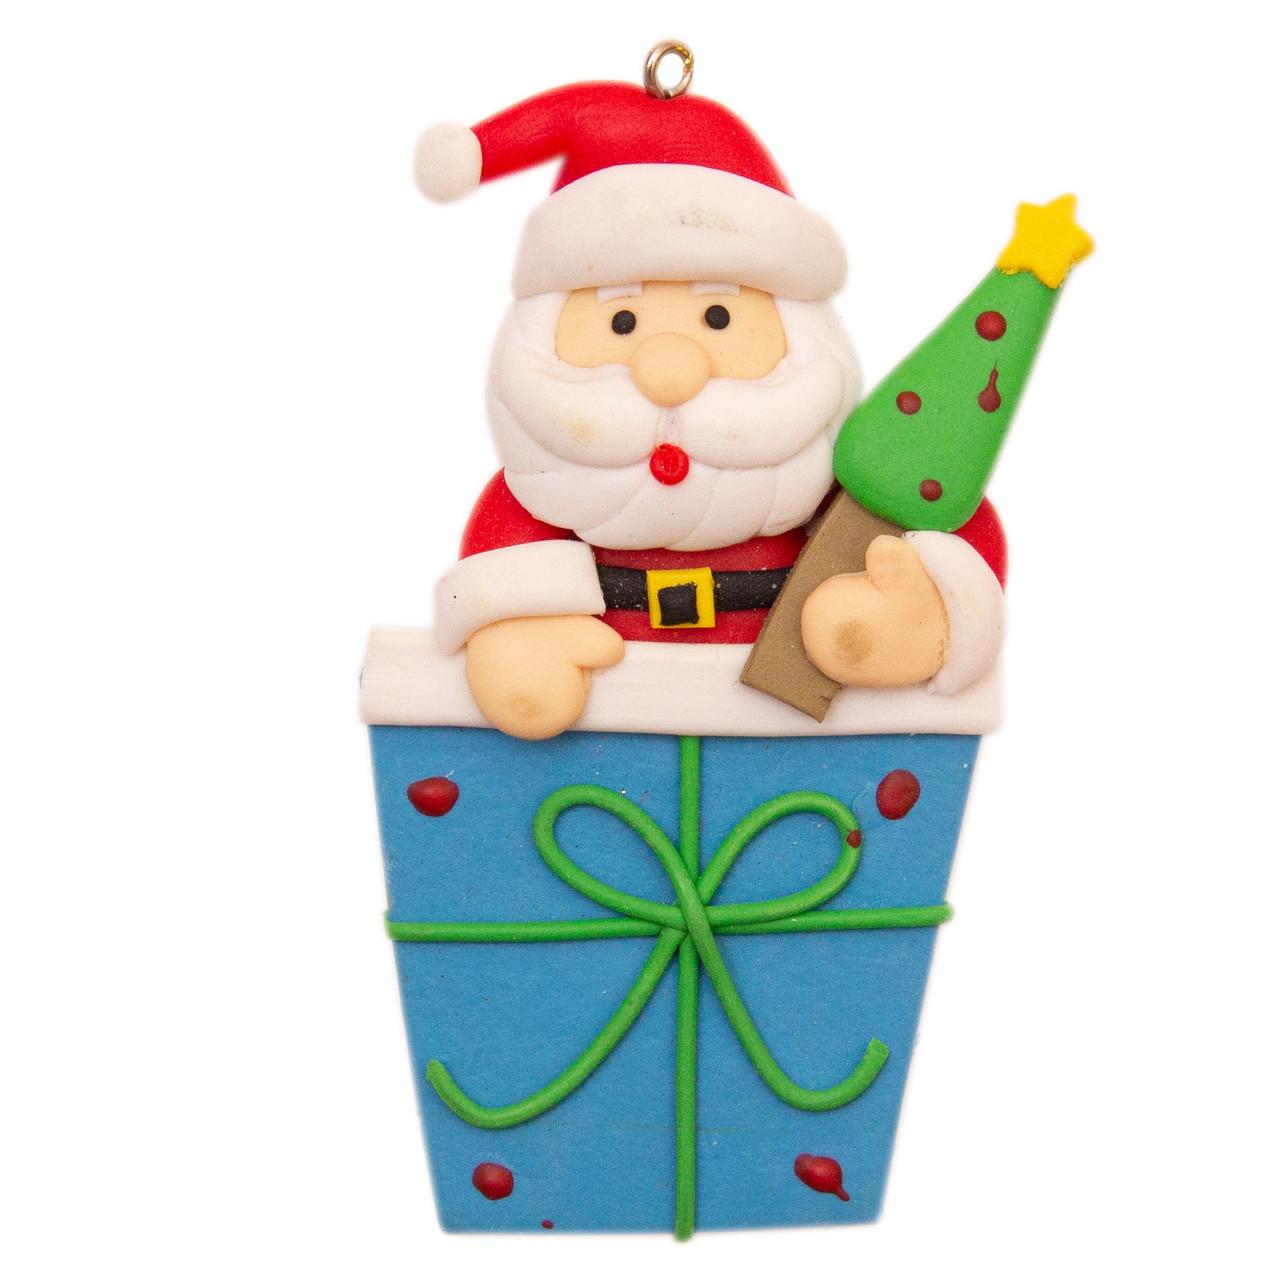 Новогодняя елочная игрушка - фигурка Дед Мороз с большим подарком, h-9 см, синий, керамика (000371-7)